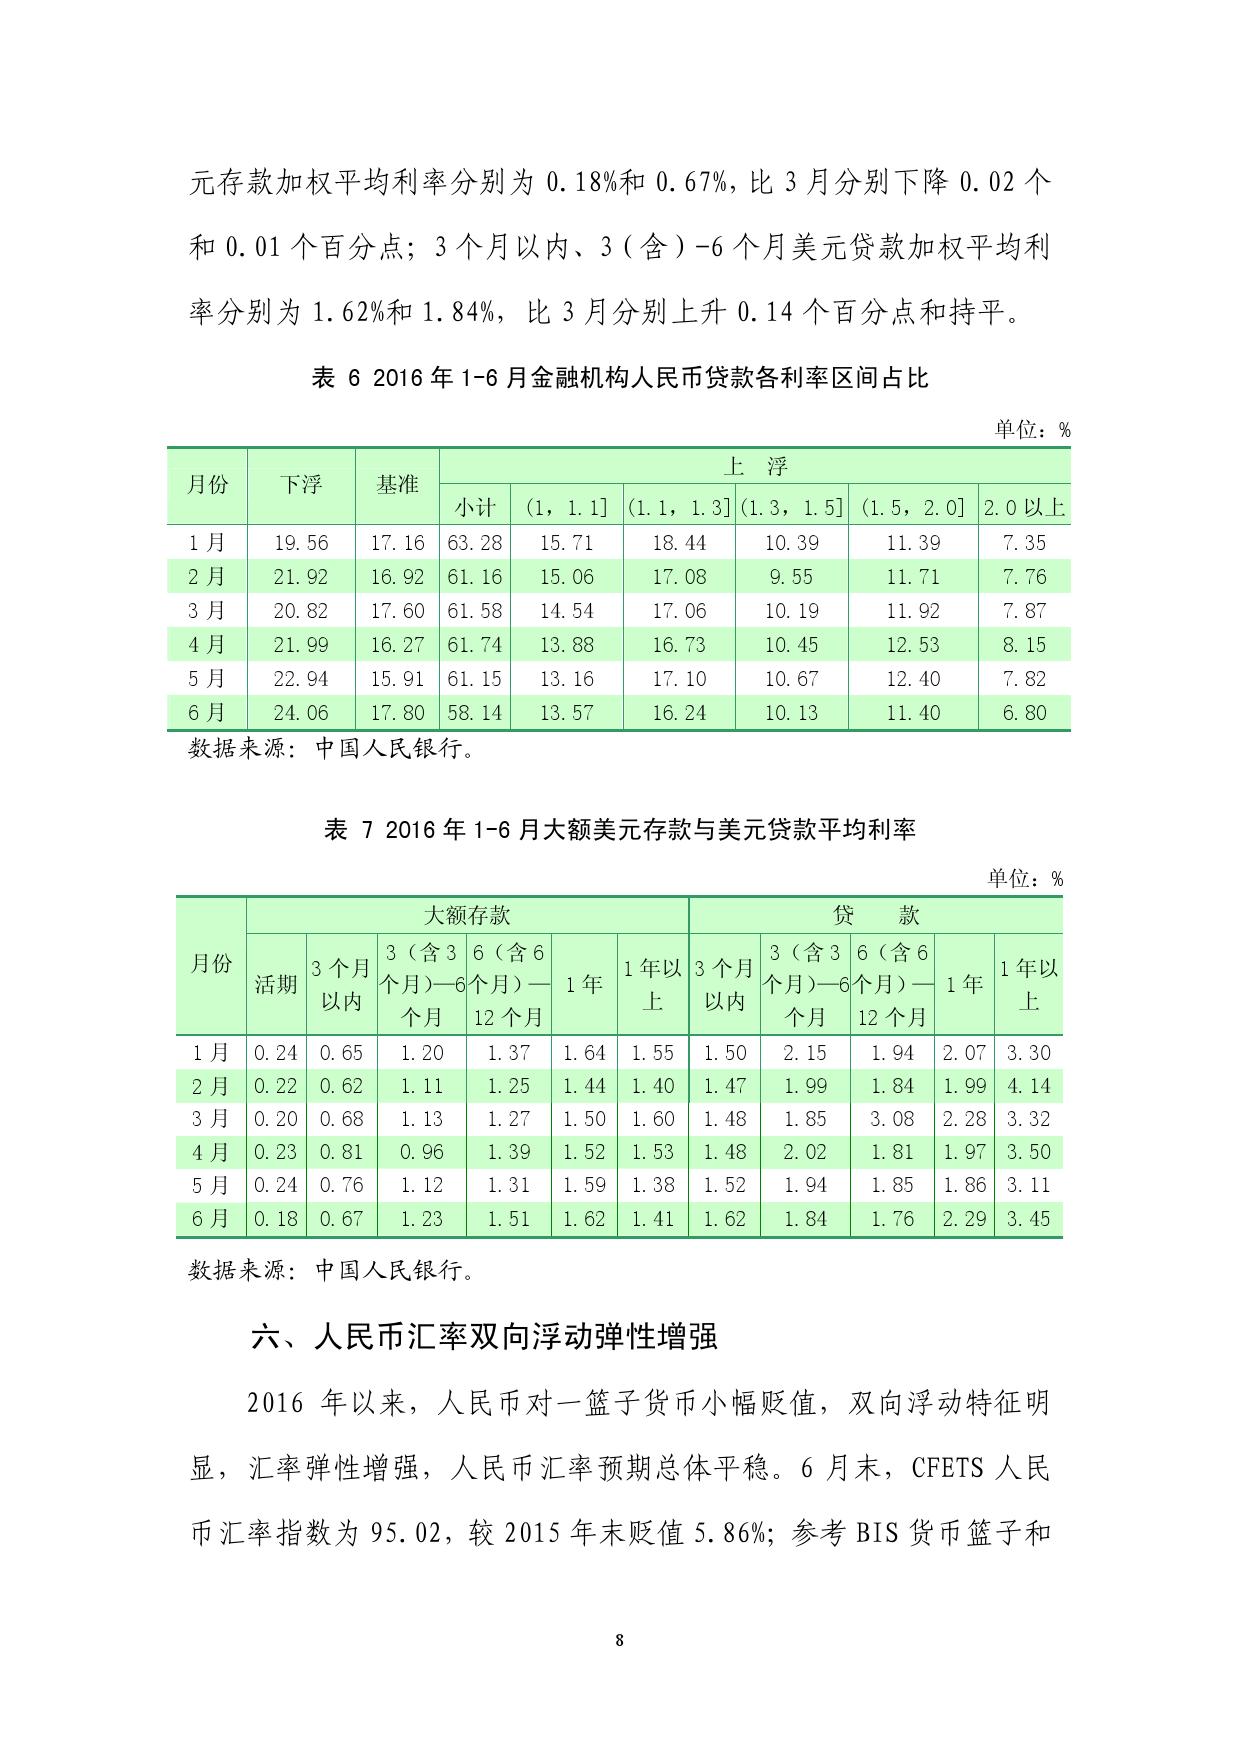 2016年Q2中国货币政策执行报告_000014